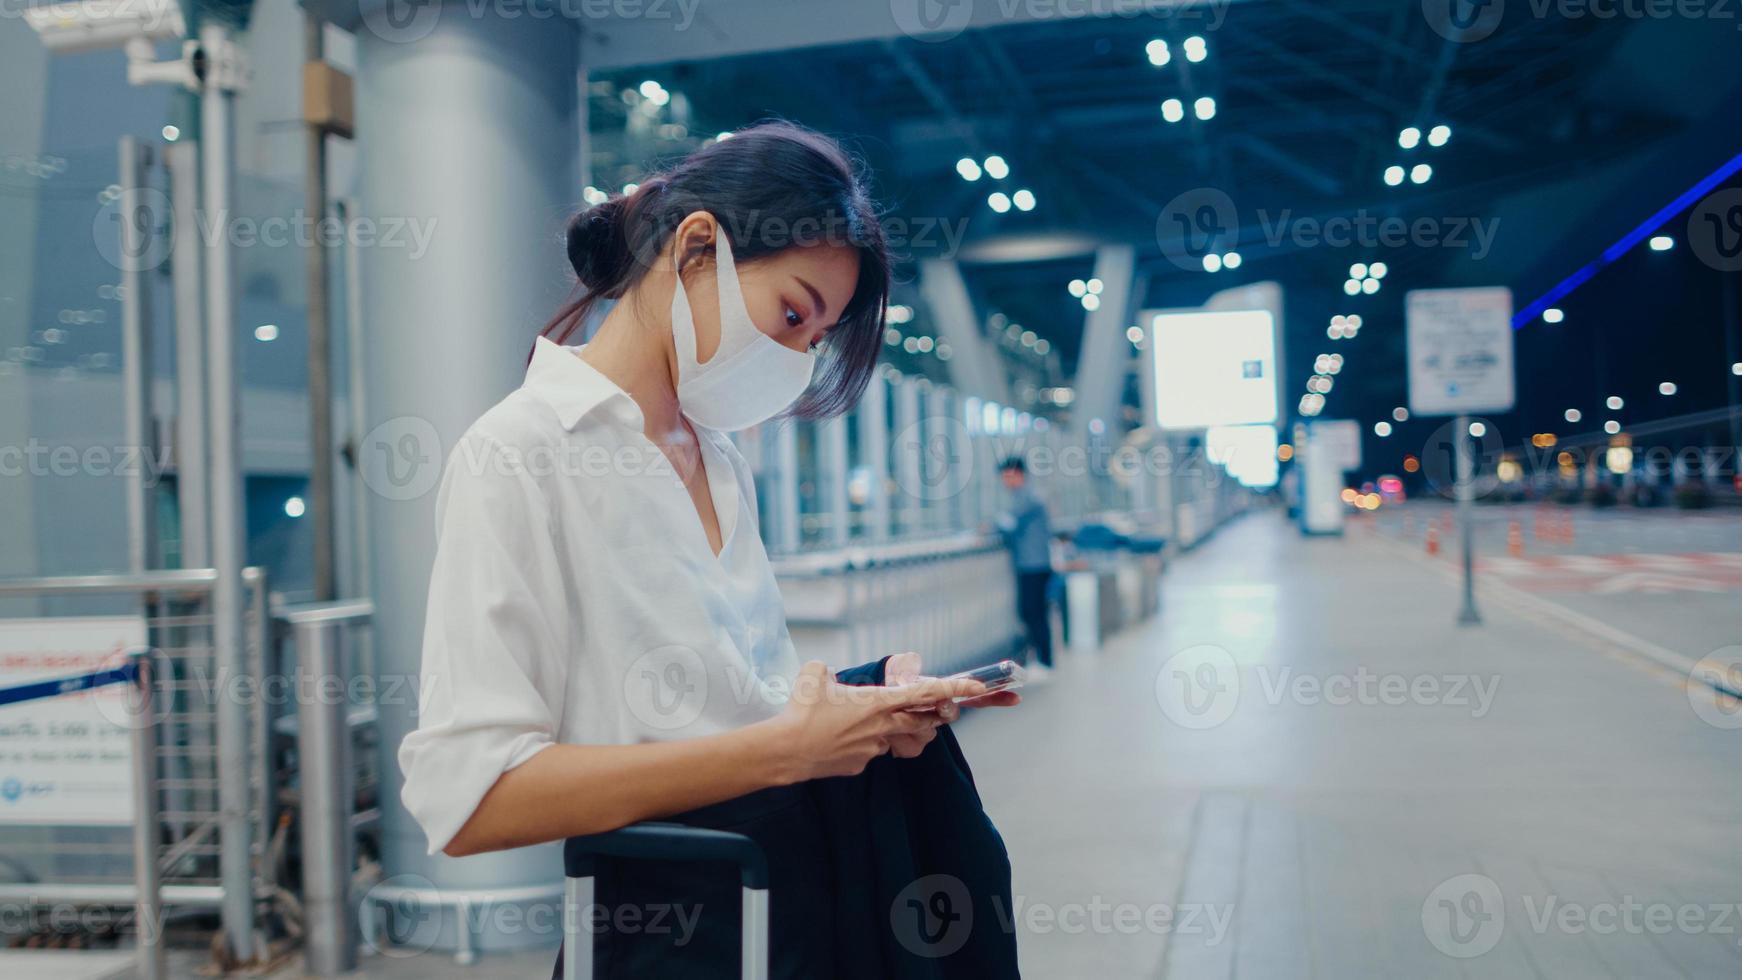 garota de negócios asiática chegar destino usar máscara facial ficar do lado de fora olhar terminal de carro de espera de telefone inteligente no aeroporto doméstico. pandemia de covid de viajante de negócios, conceito de distanciamento social de viagens de negócios. foto